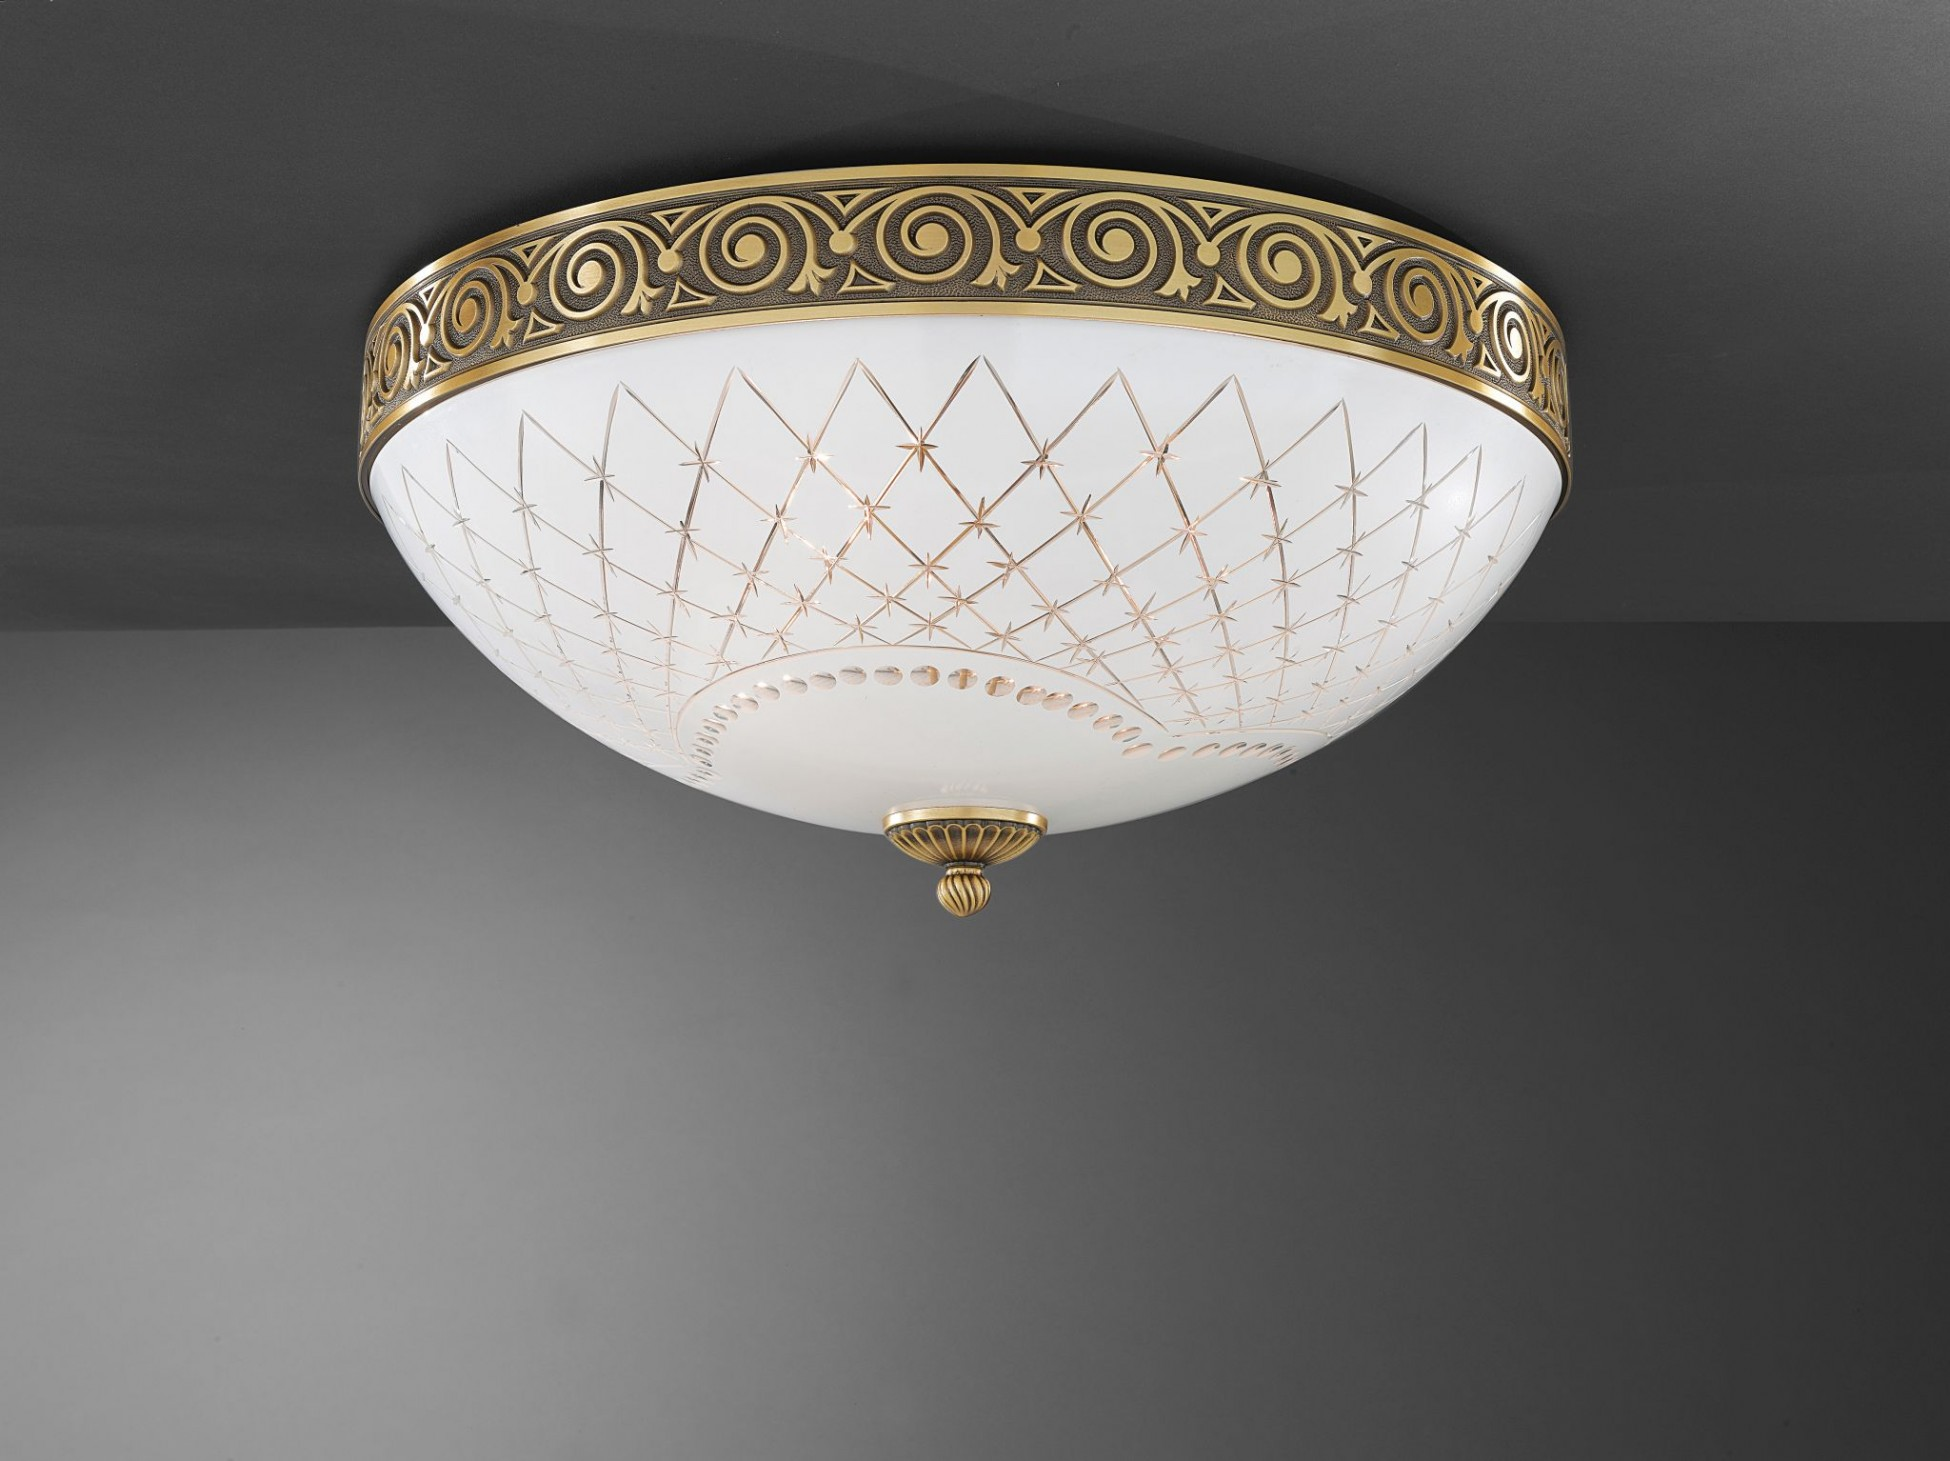 Plafoniere Ottone E Vetro : Plafoniera in ottone e vetro bianco molato 4 luci 50 cm reccagni store